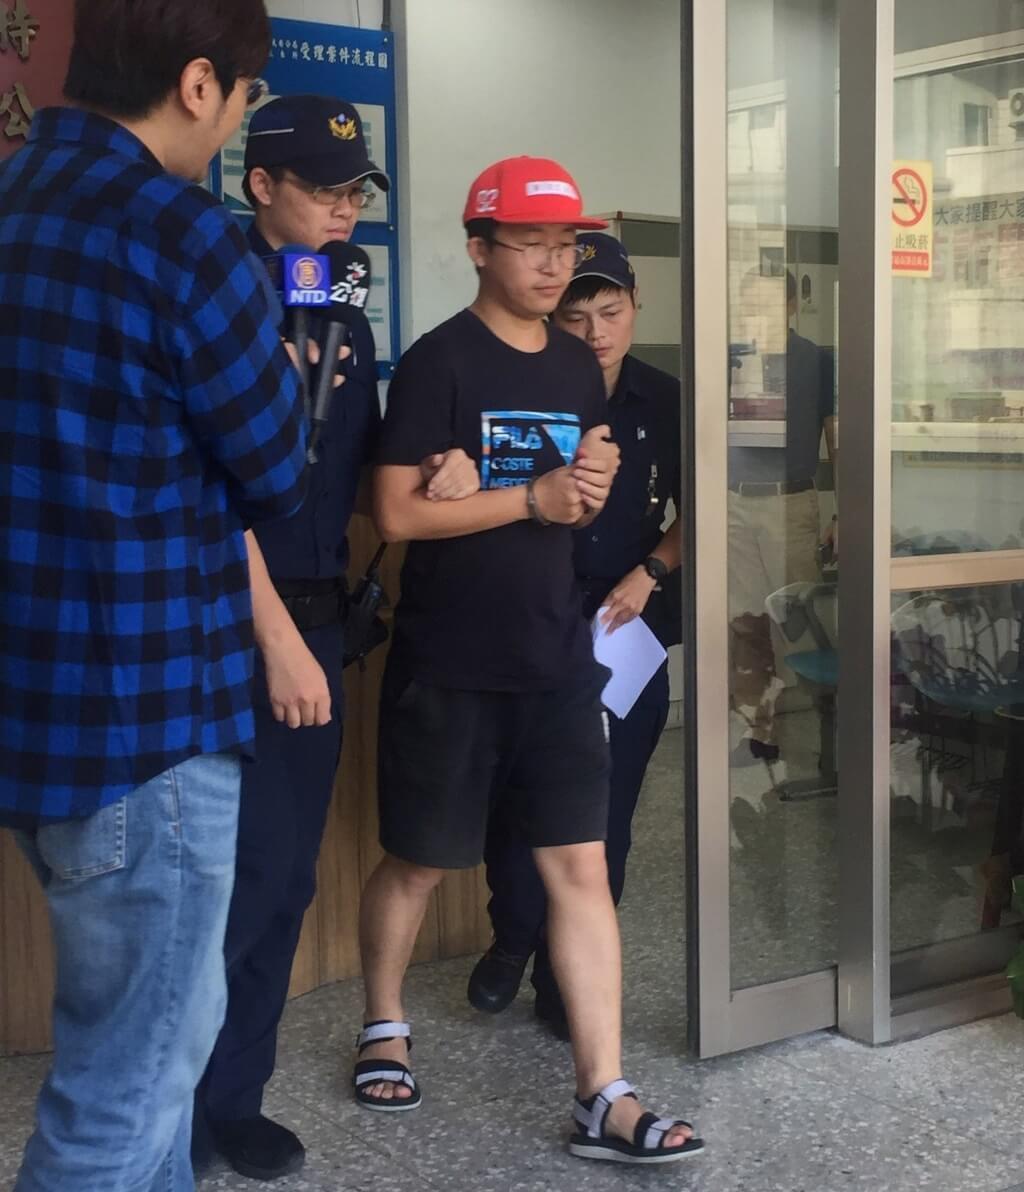 Tajvan rongálás miatt deportálja a kínai turistát a Tajvani Nemzeti Egyetemen